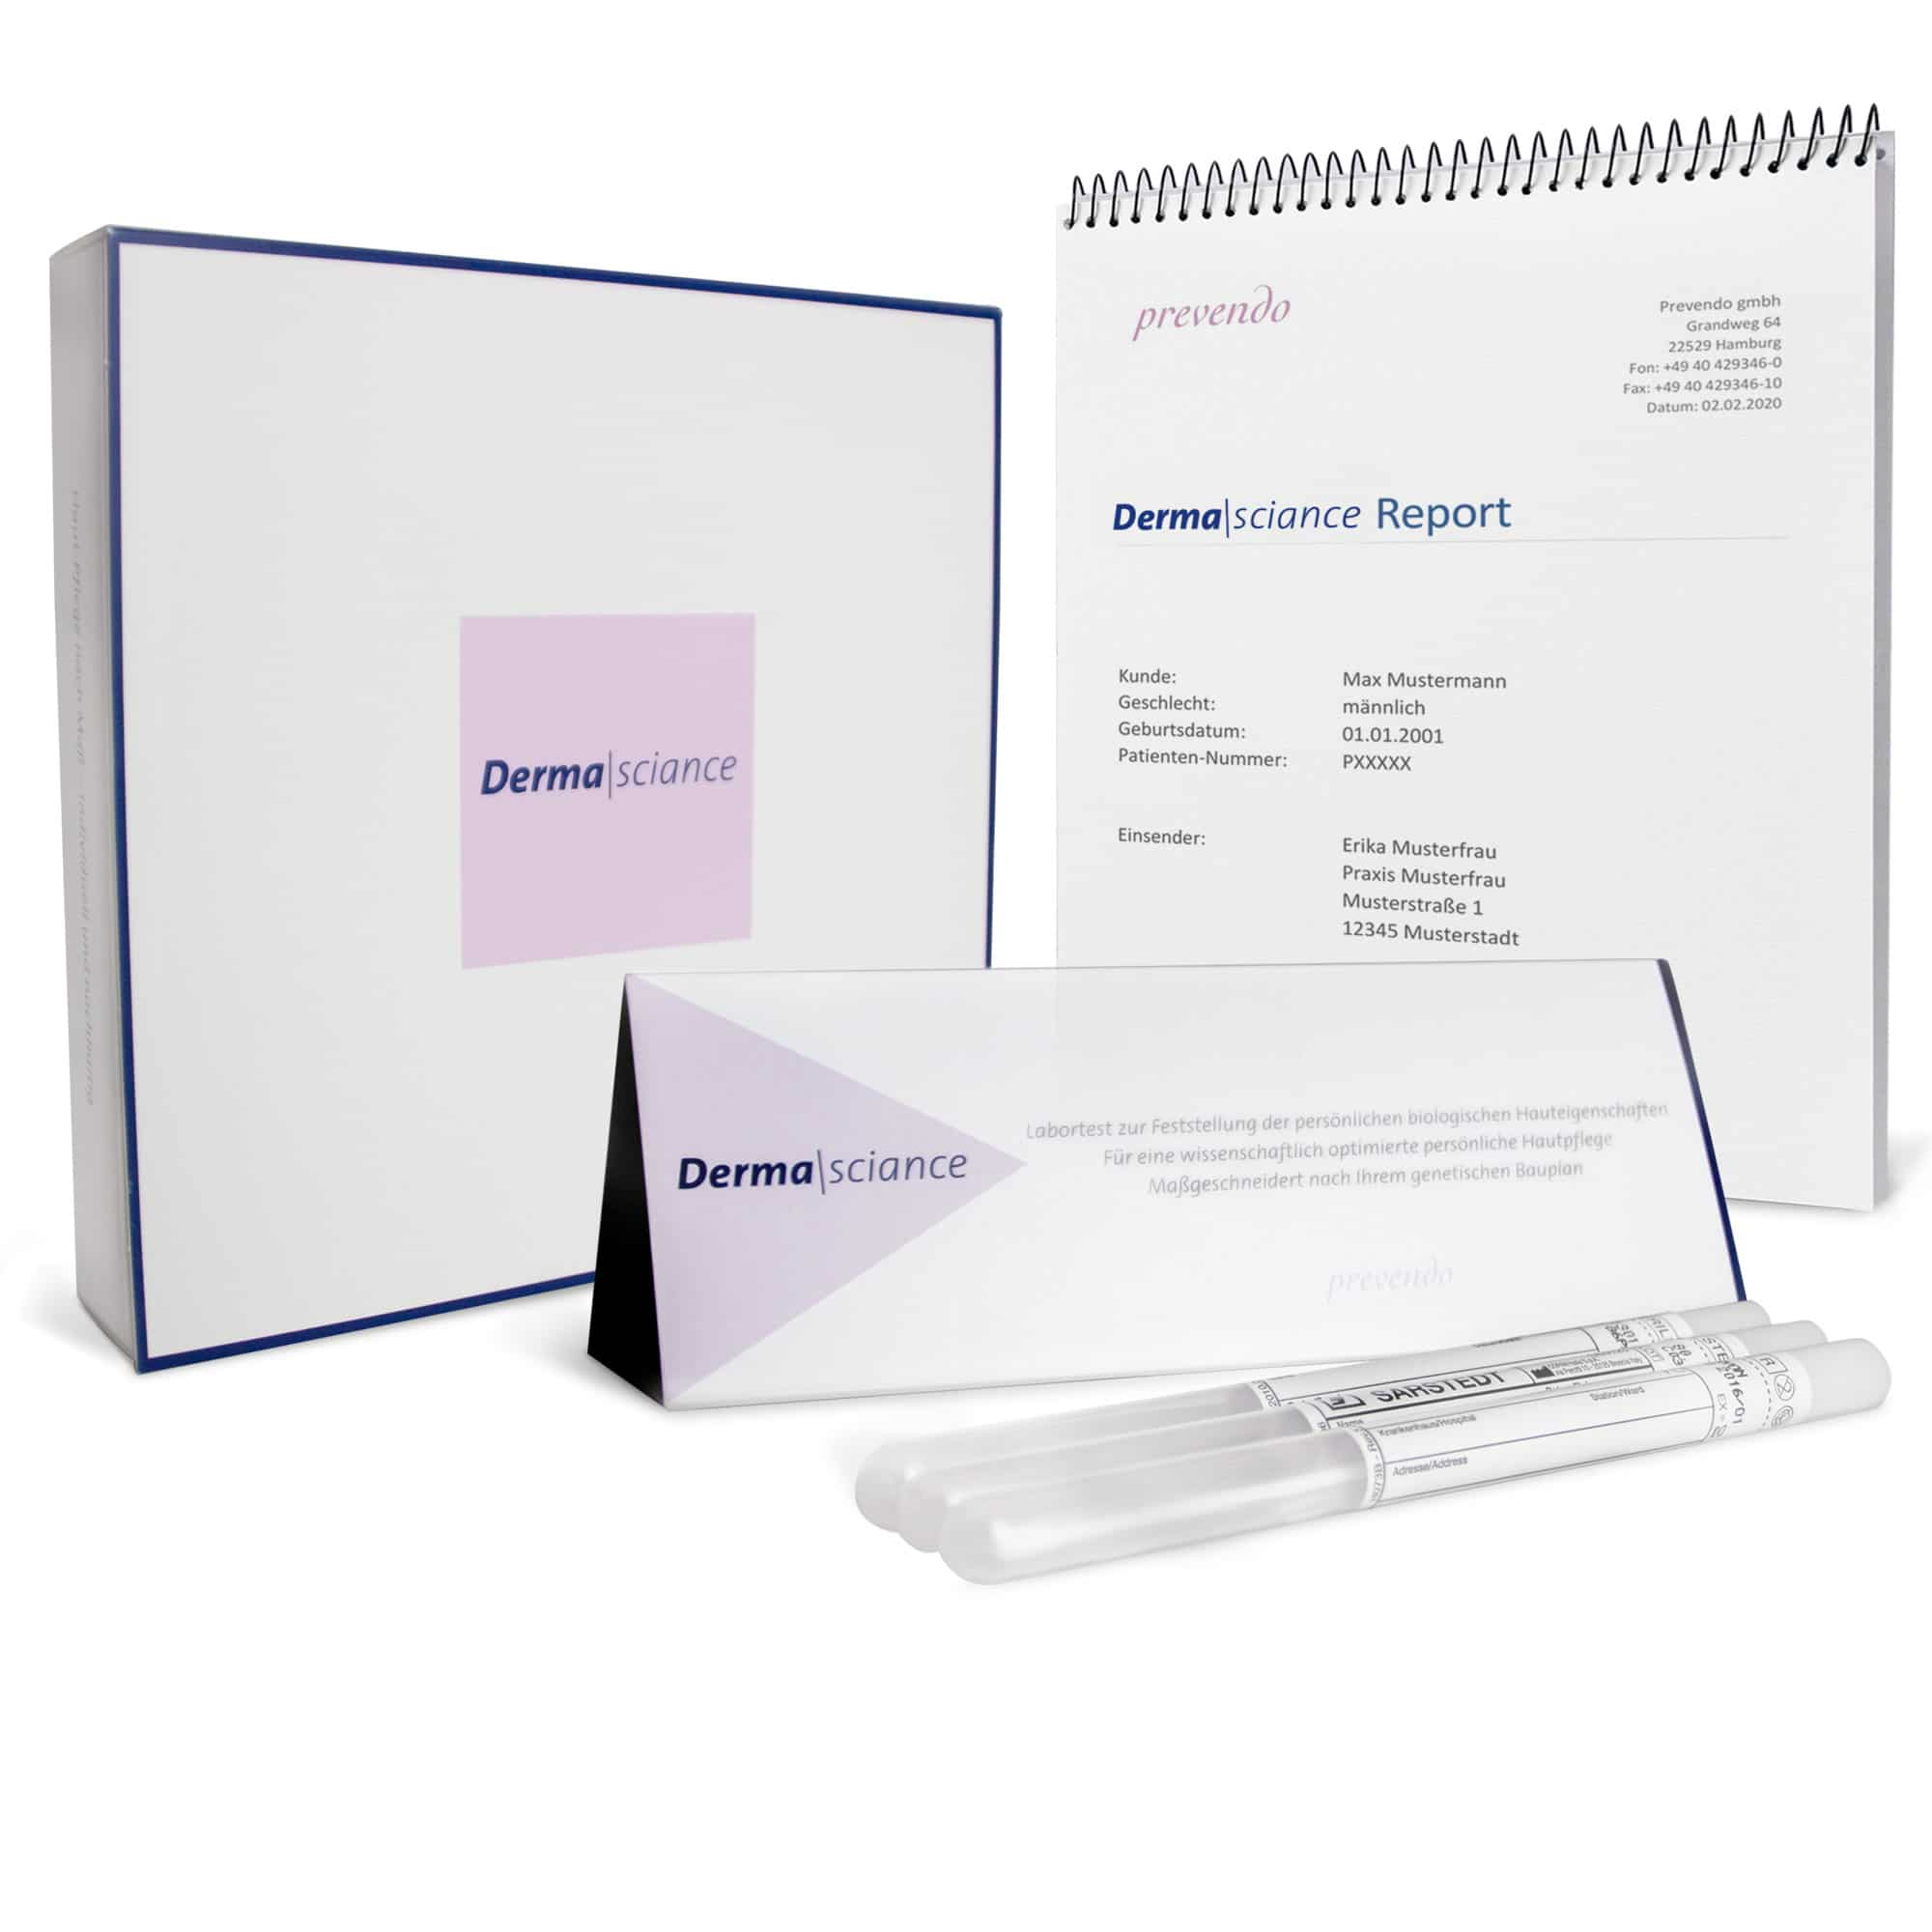 Derma | Sciance Starter-Paket